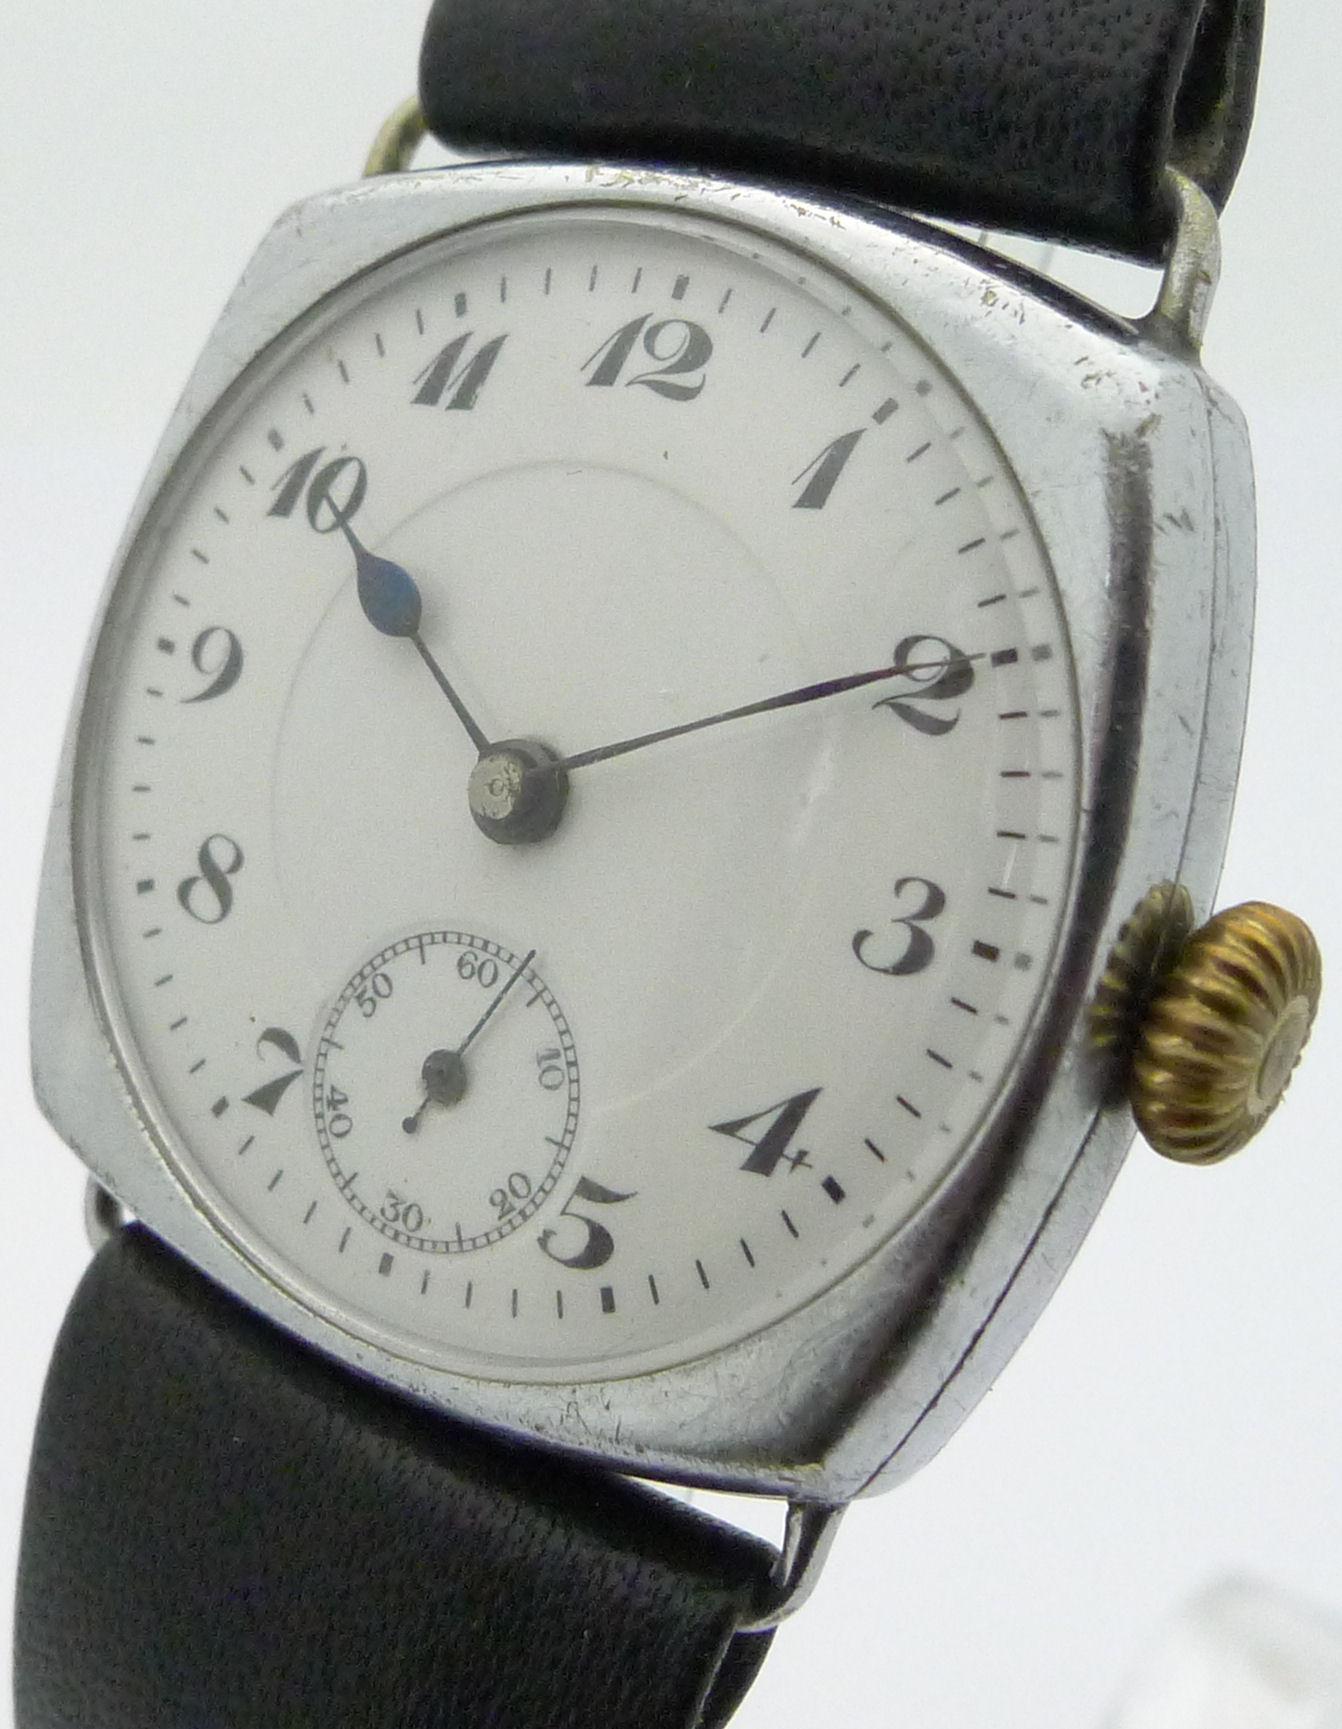 schweizer stahl herren armbanduhr tonneauform mit handaufzug 20er jahre ebay. Black Bedroom Furniture Sets. Home Design Ideas